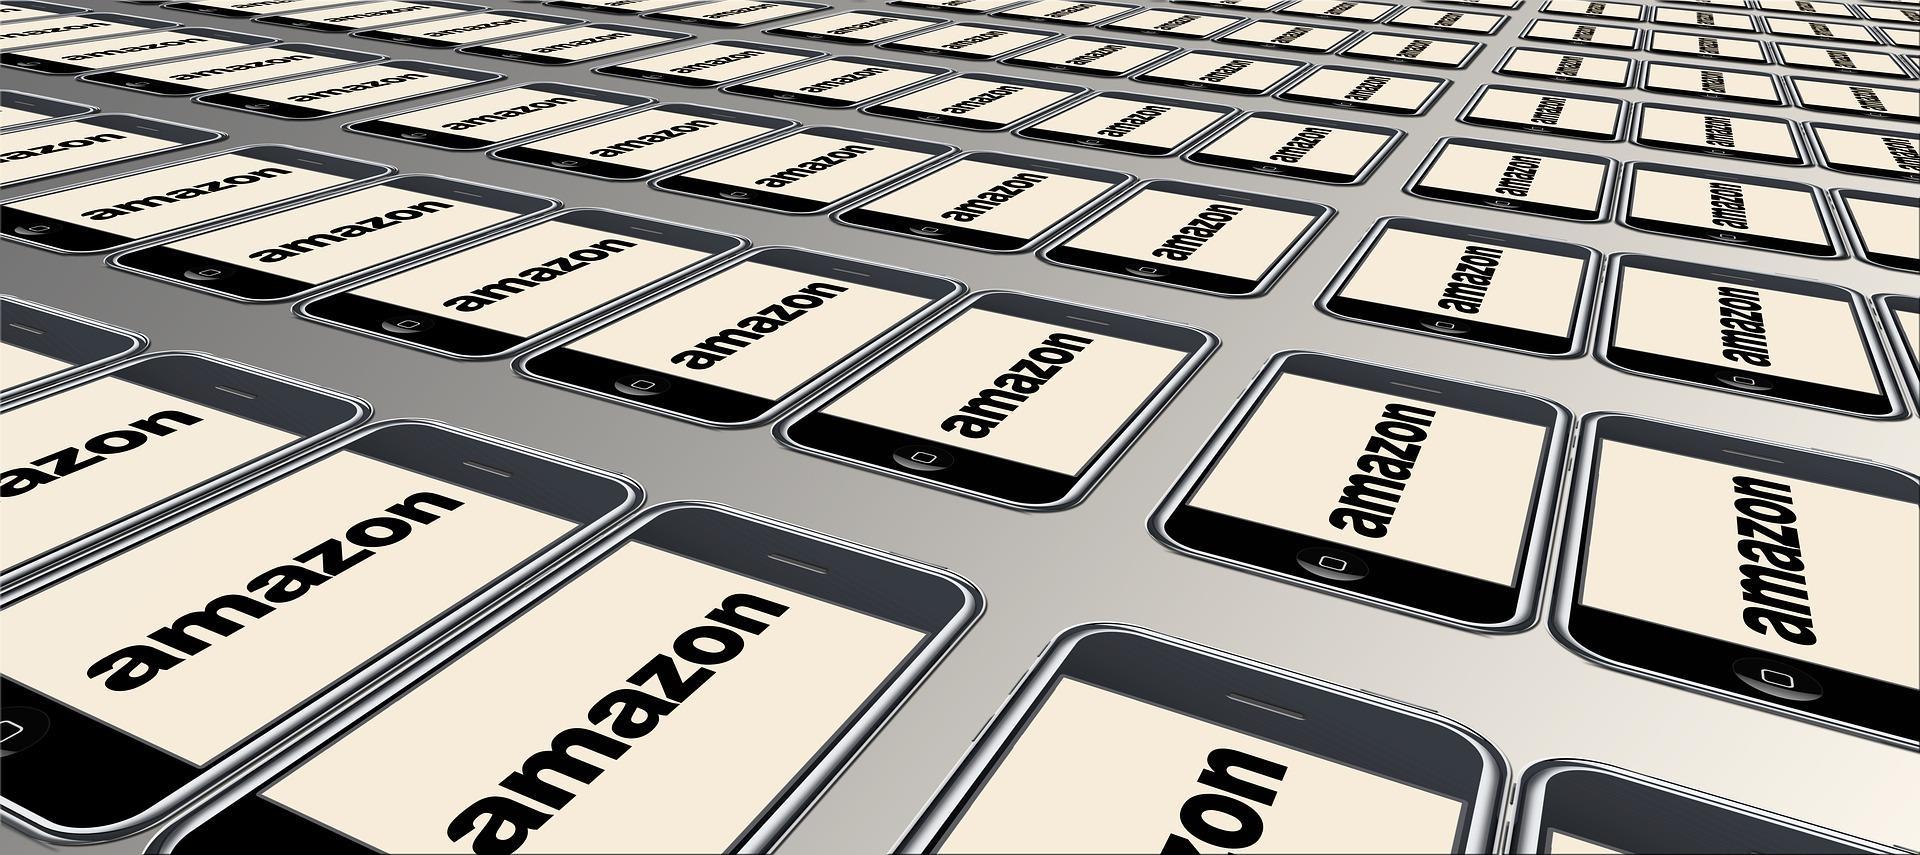 Die starke Stellung von Amazon am deutschen Markt ist kaum zu übersehen. Abbildung: Pixabay